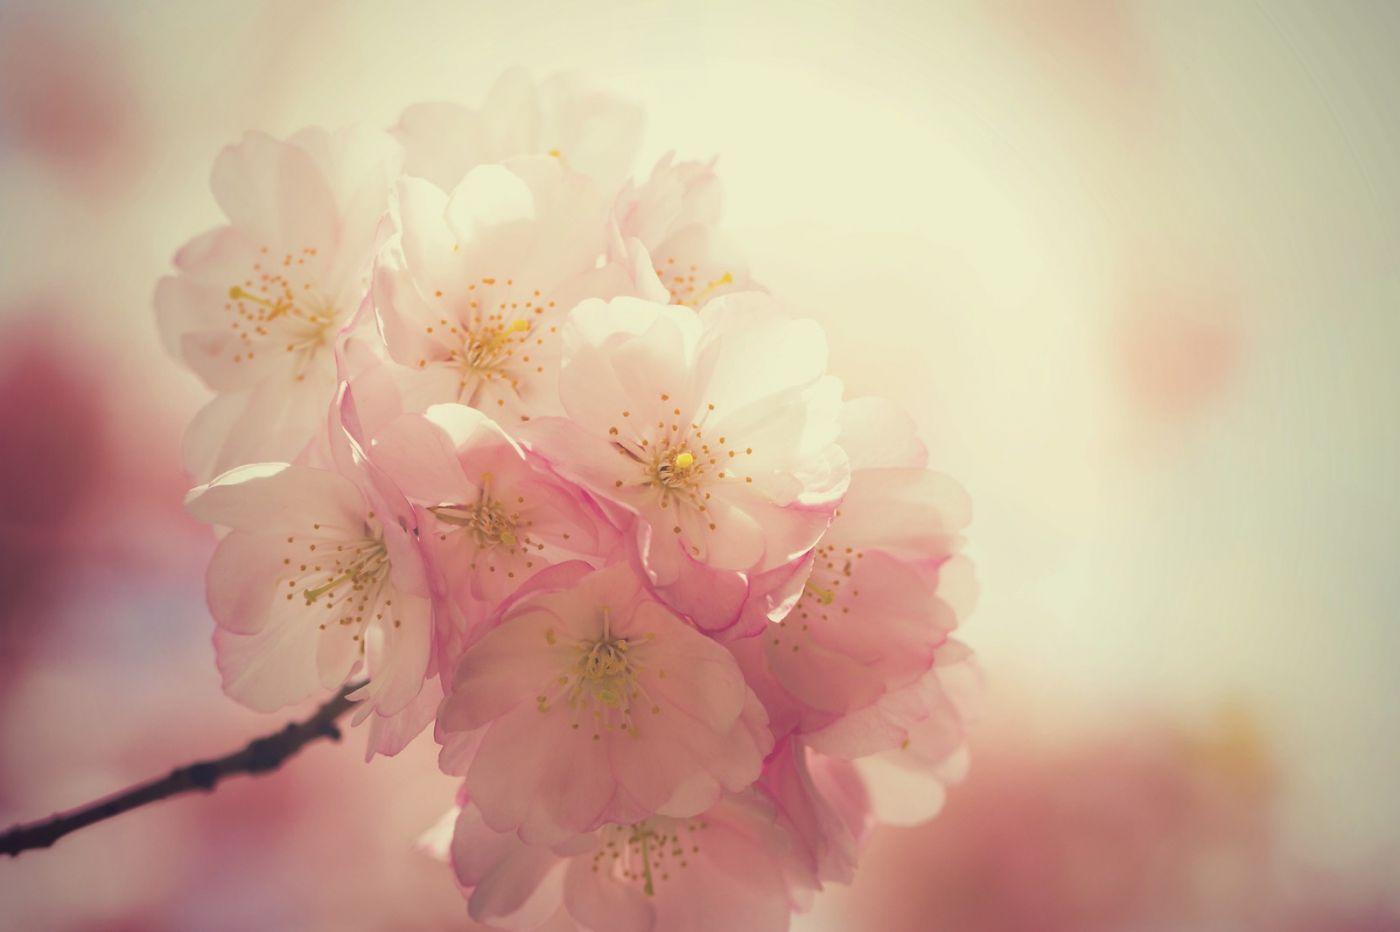 粉红的水嫩的,好看极了_图1-34